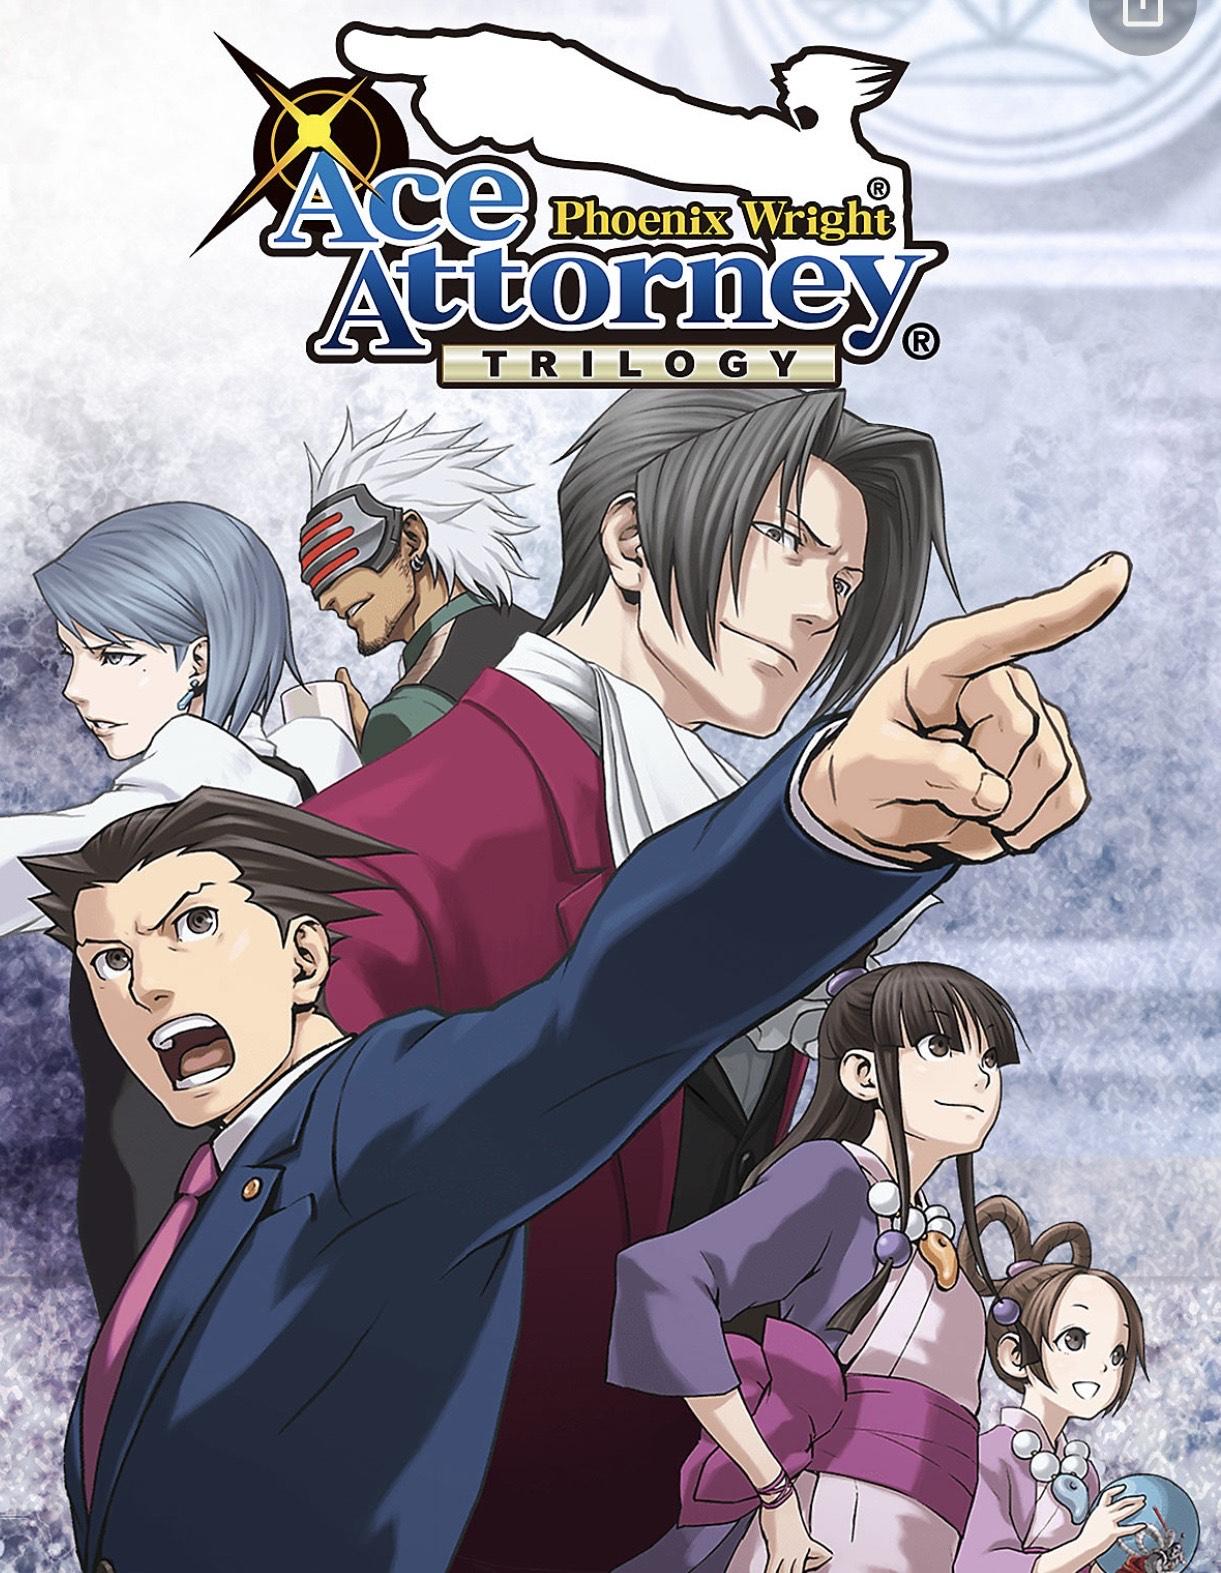 Phoenix Wright: Ace Attorney Trilogy (3DS) £8.24 @ Nintendo eshop